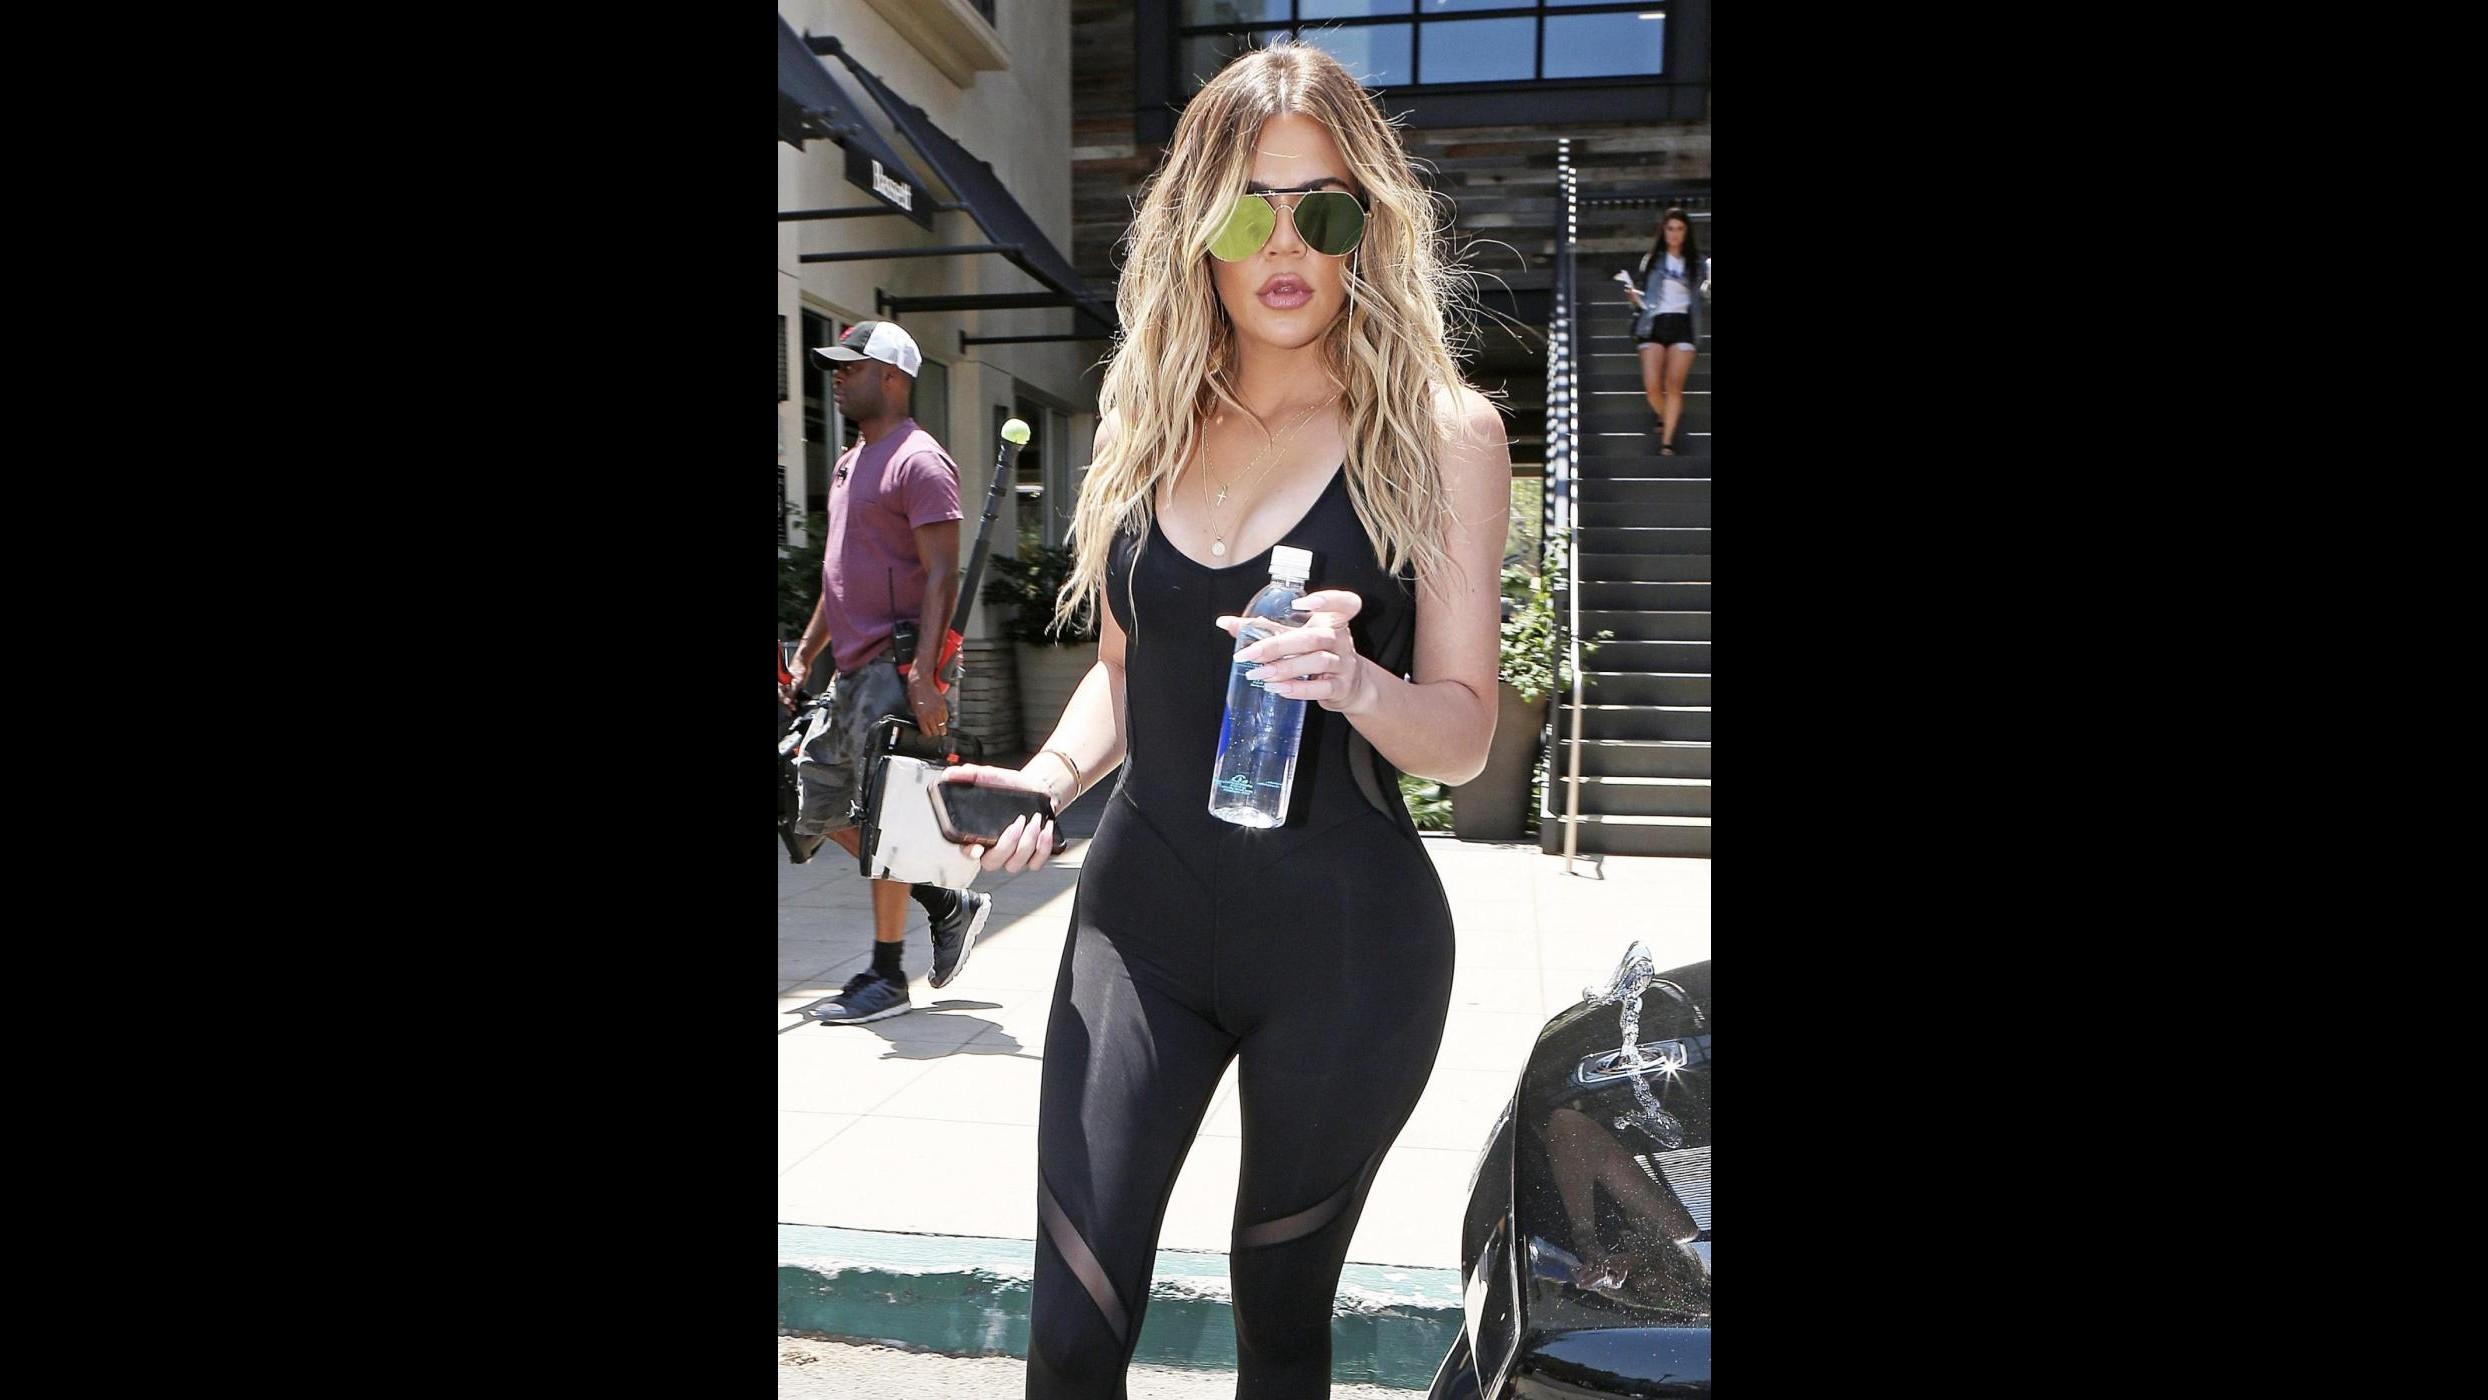 FOTO Khloe Kardashian sexy anche in palestra con una tutina aderente